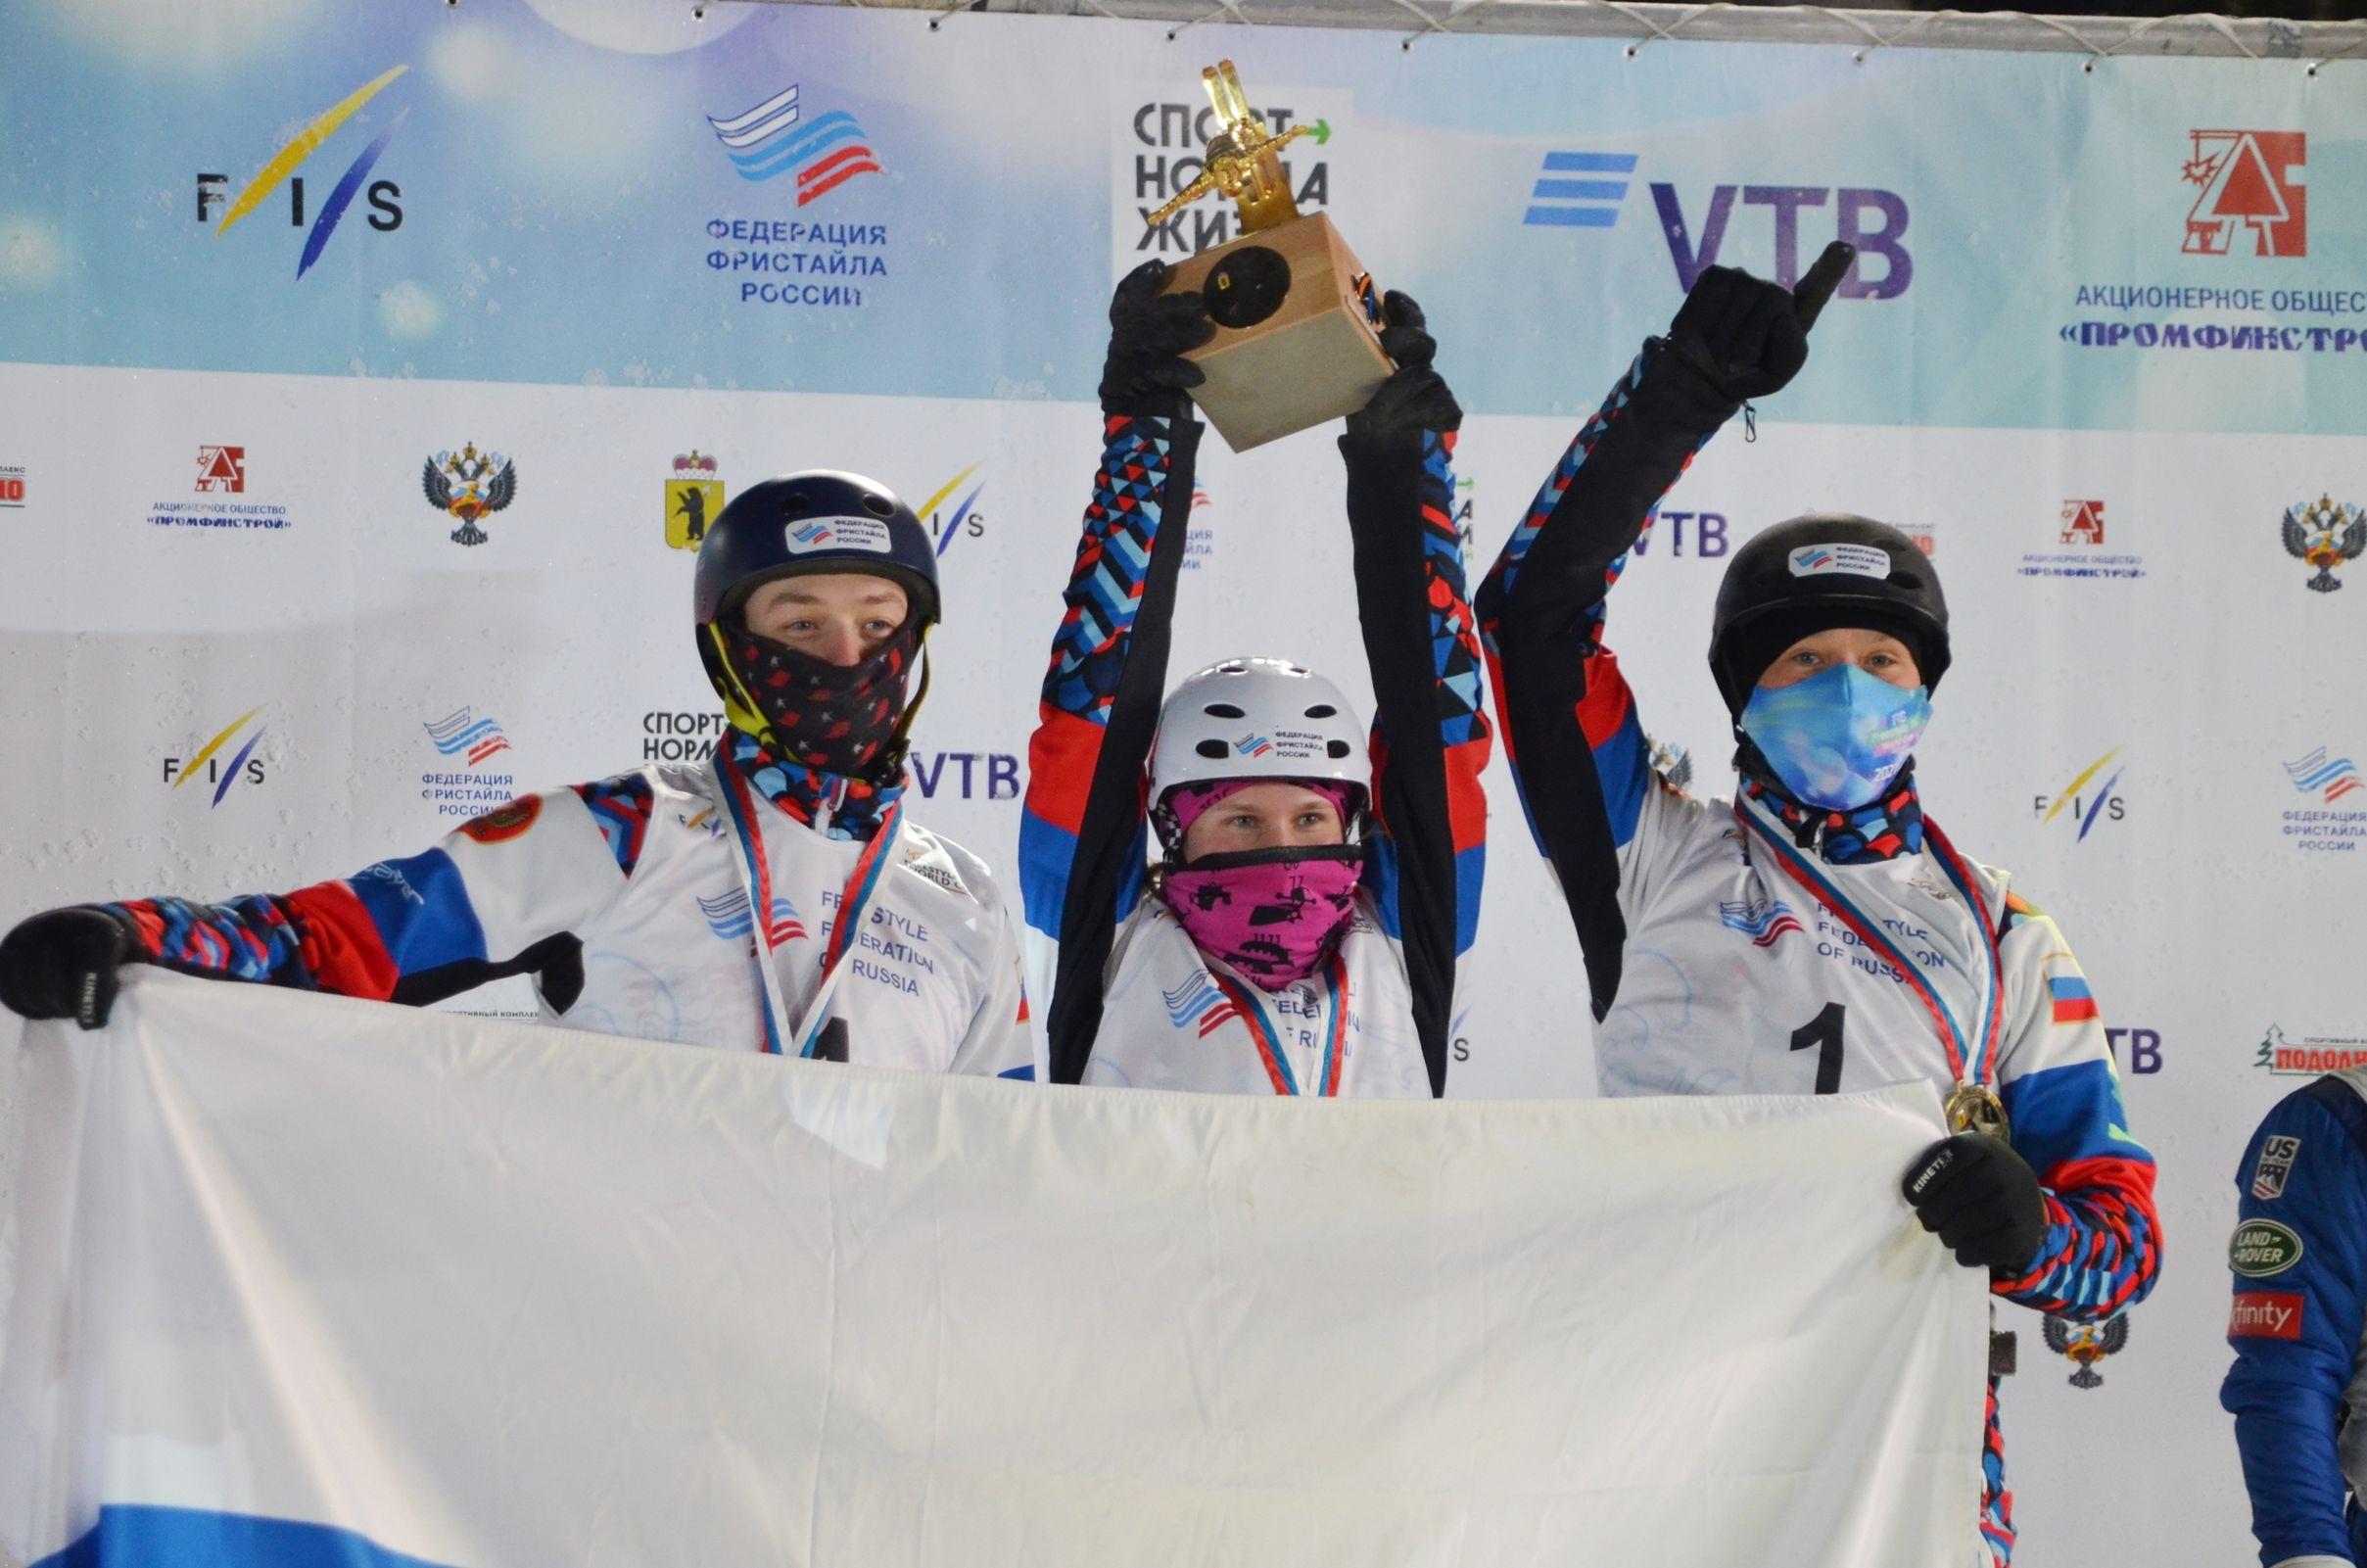 Сборная России выиграла этап Кубка мира по акробатике в Ярославле в командных соревнованиях